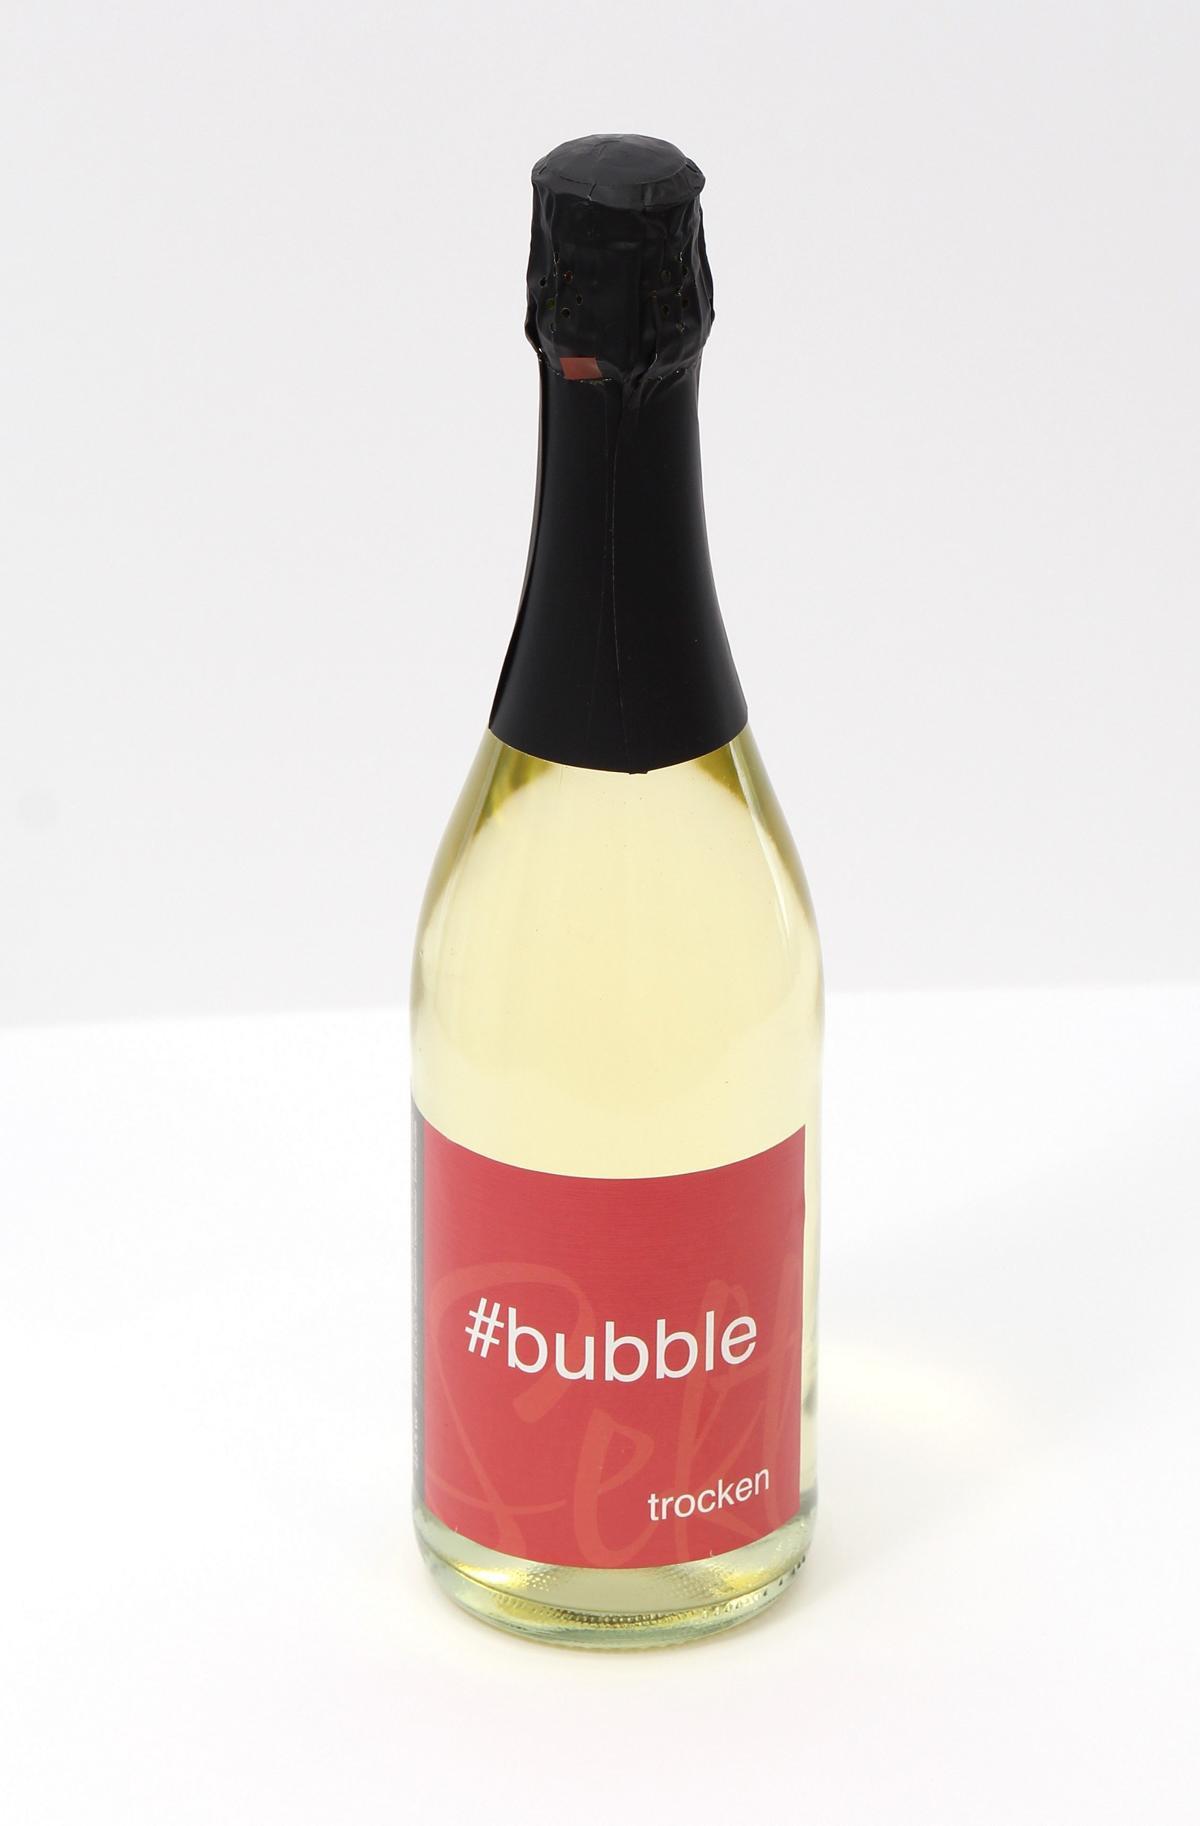 #bubble trocken